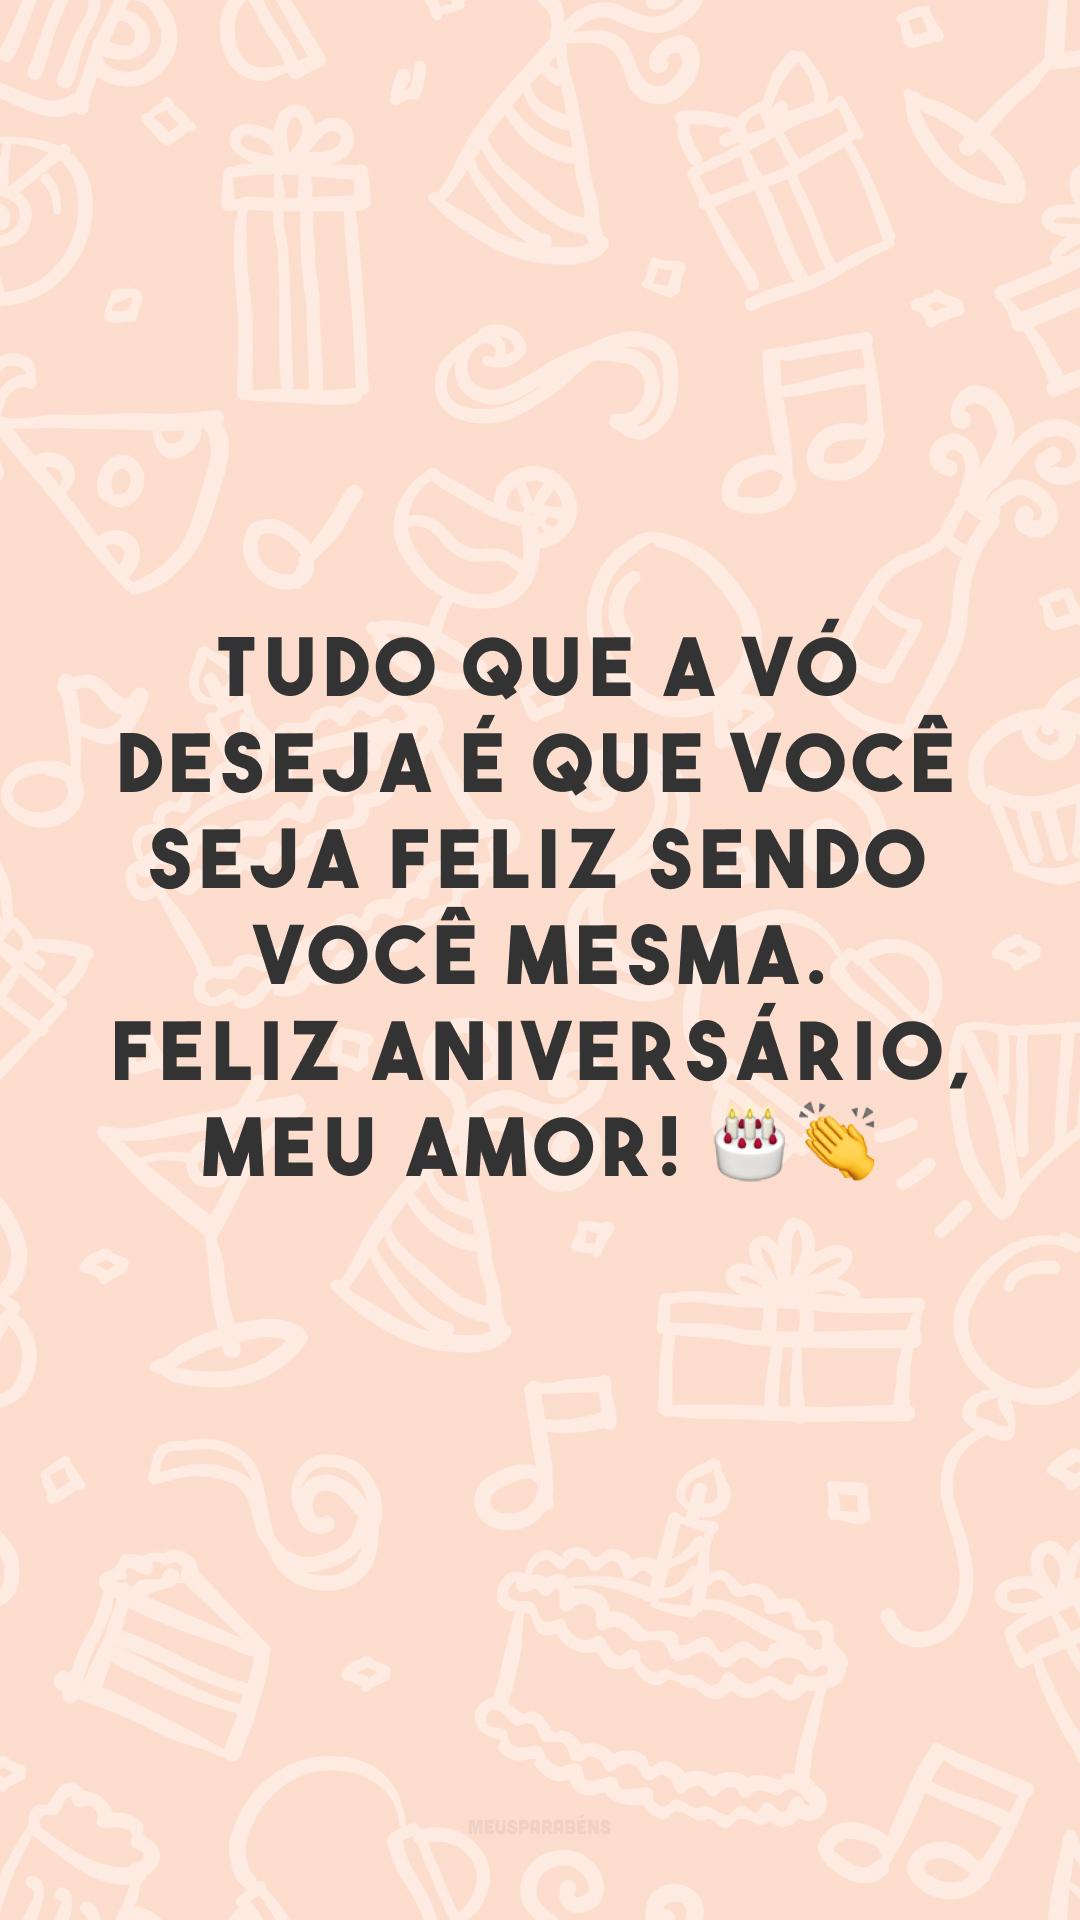 Tudo que a vó deseja é que você seja feliz sendo você mesma. Feliz aniversário, meu amor! 🎂👏